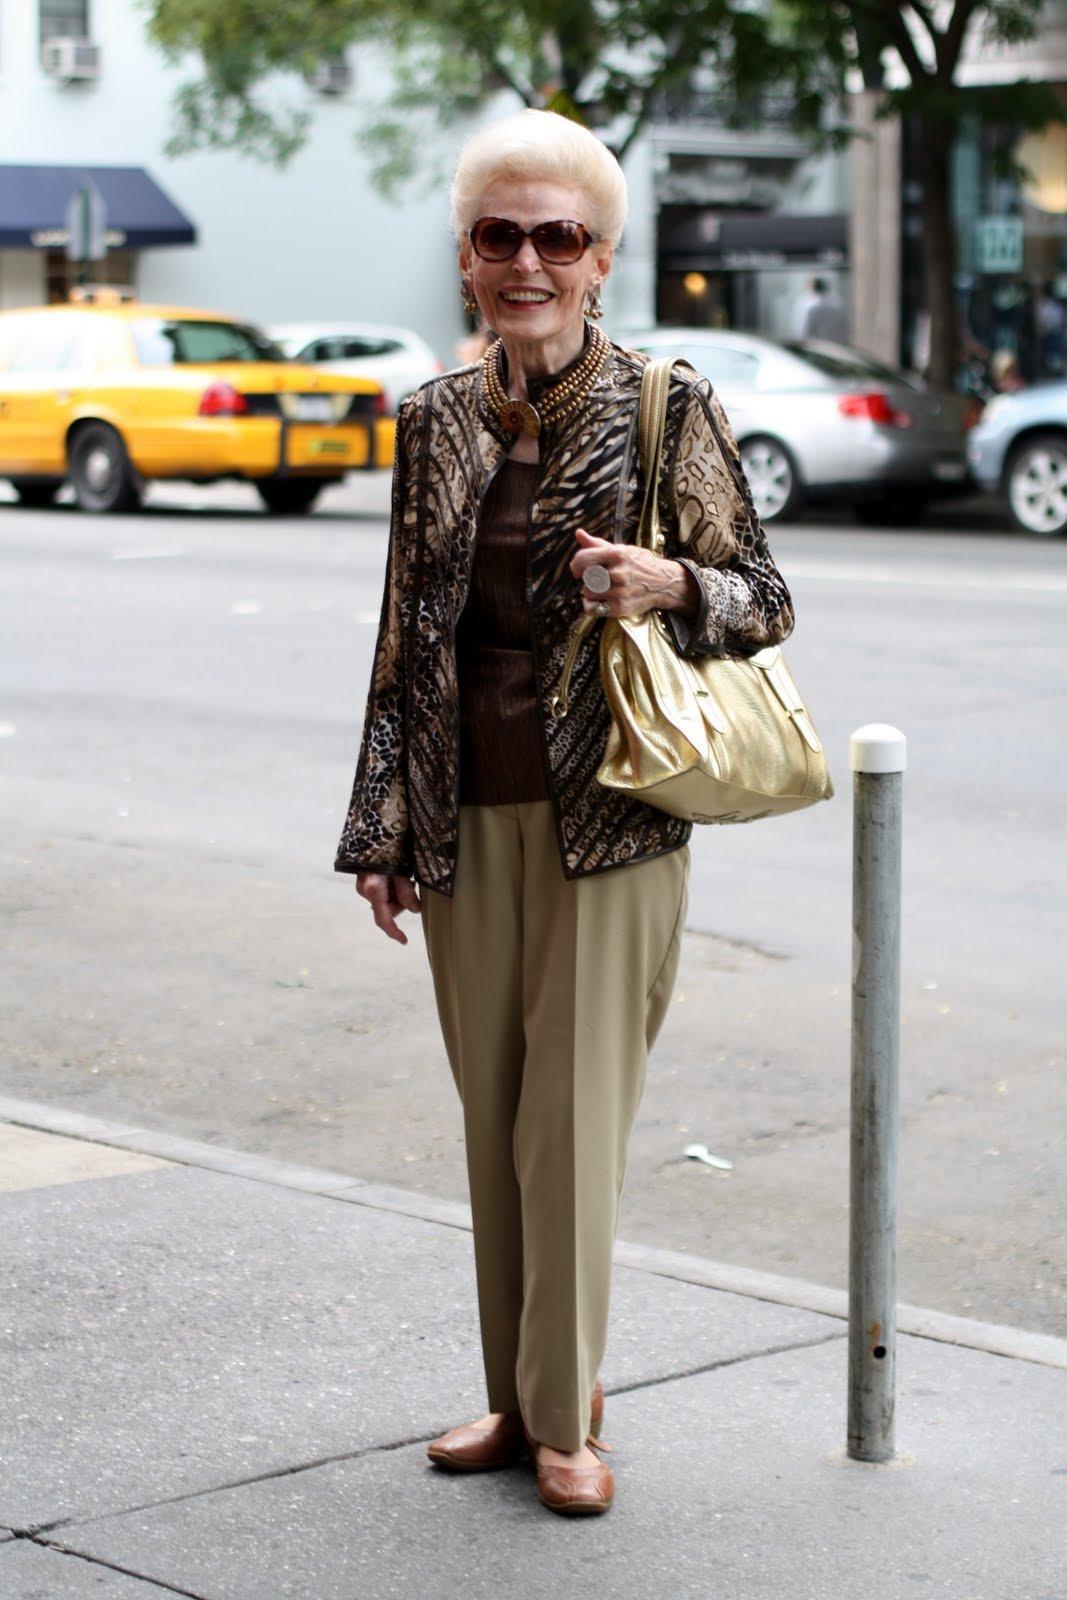 эти неприятна пожилая дама в брюках кончилась быстро третий